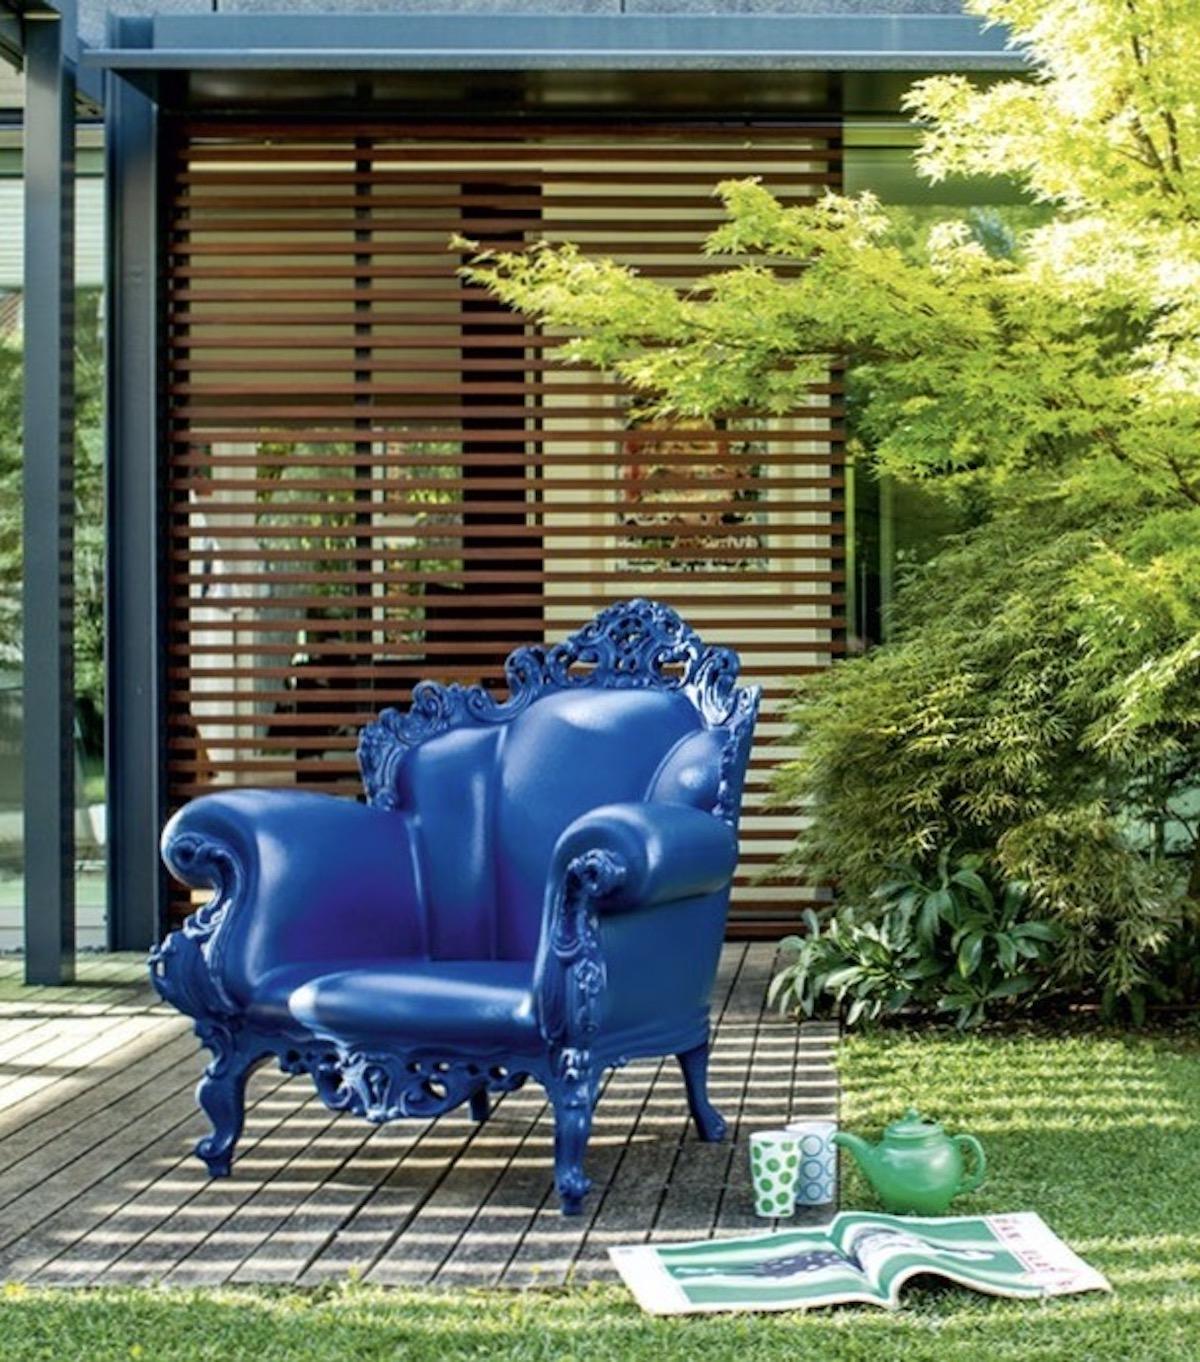 terrasse bois extérieur design assise bleu icône design alessandro mendini jardin - blog déco